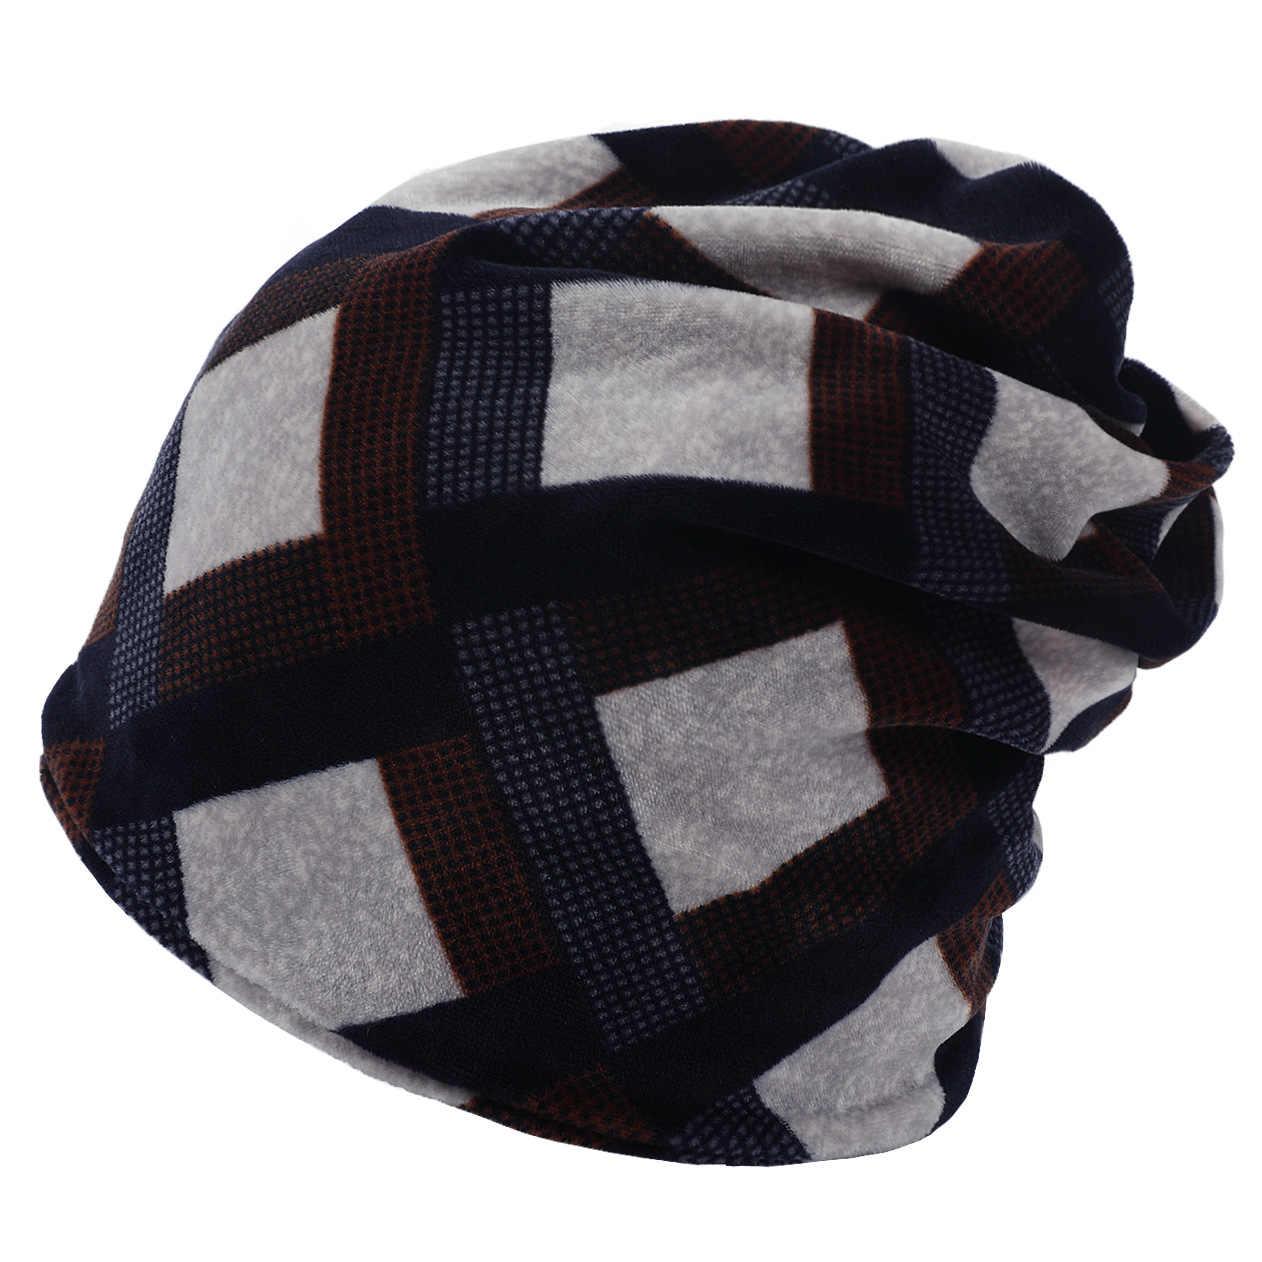 الدافئة قبعة صوفية لفصل الشتاء قبعة ل رجل جديد الياقة المدورة قبعة منقوشة طباعة التكتيكية الصوف ووتش كاب ، أسود واحد حجم الجمجمة بيني